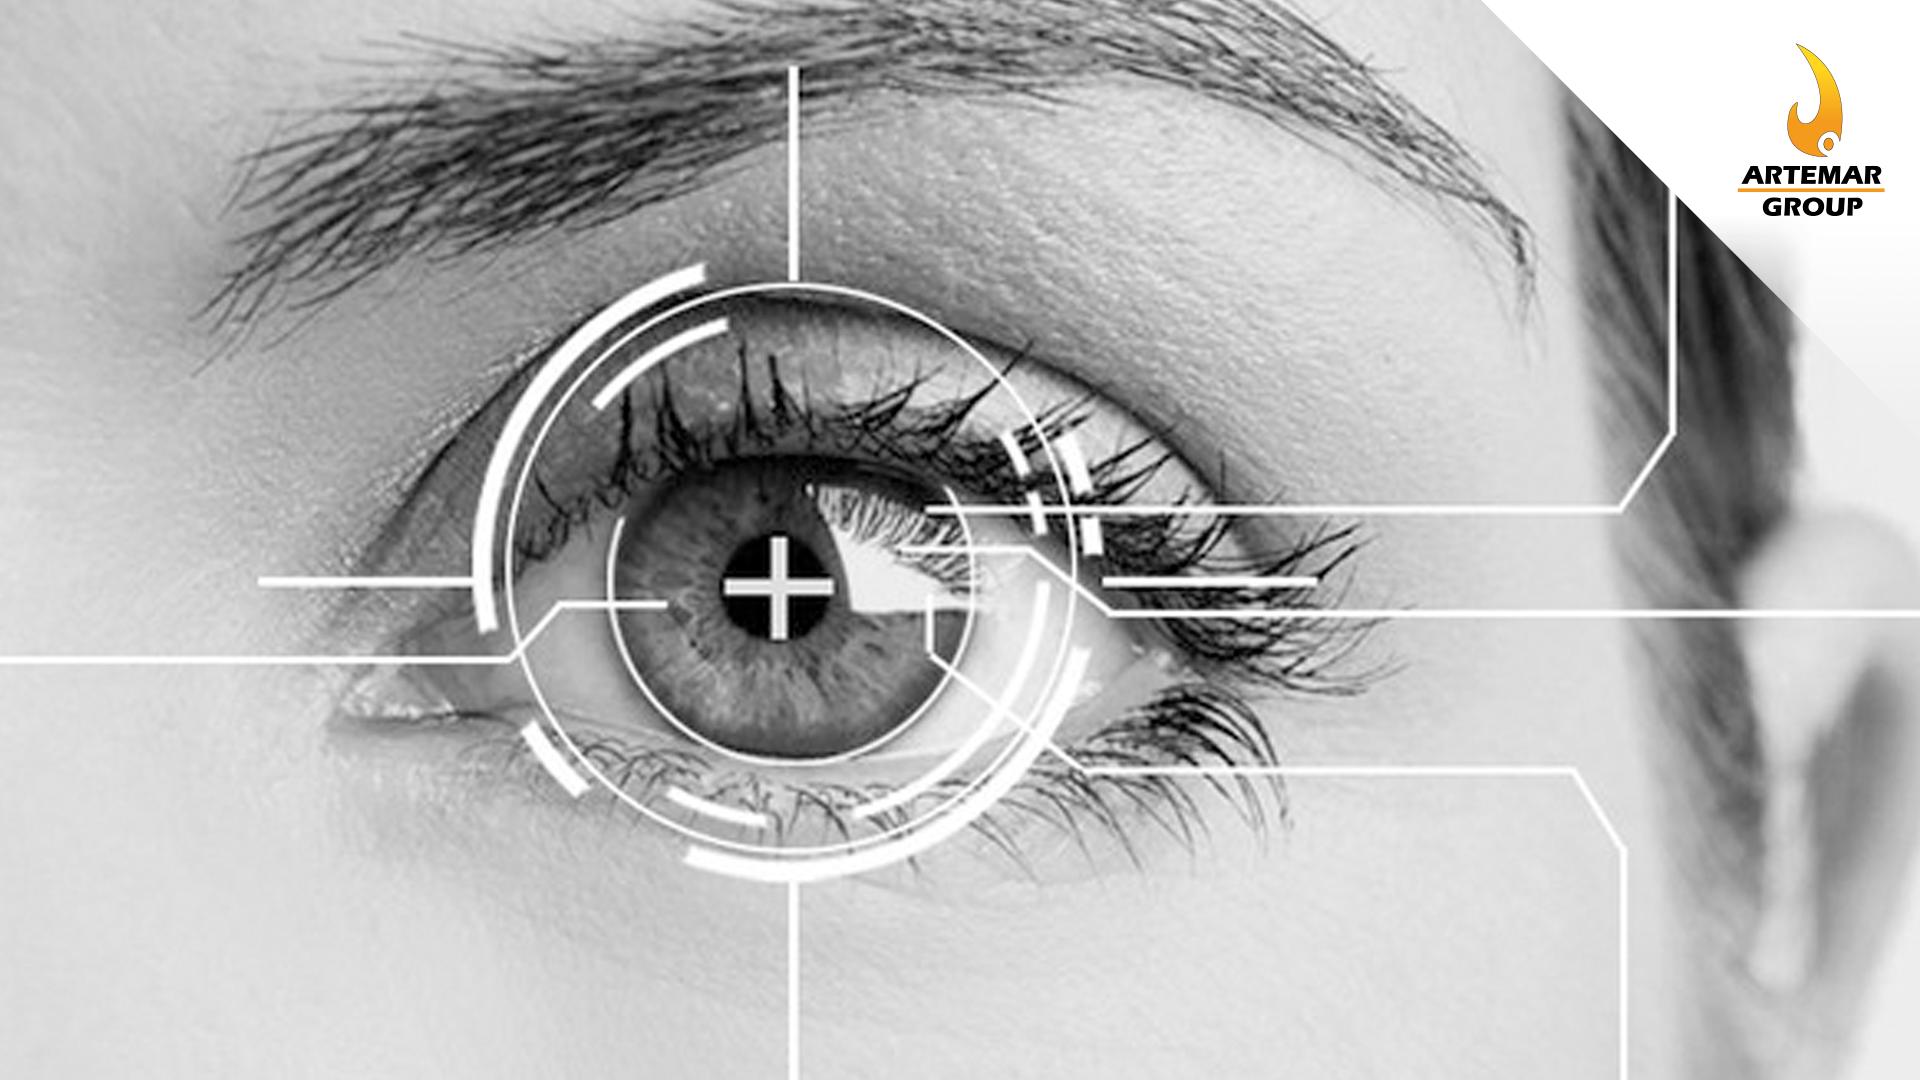 Terapia de seguimiento ocular facilita la visión doble del paciente, la dislexia